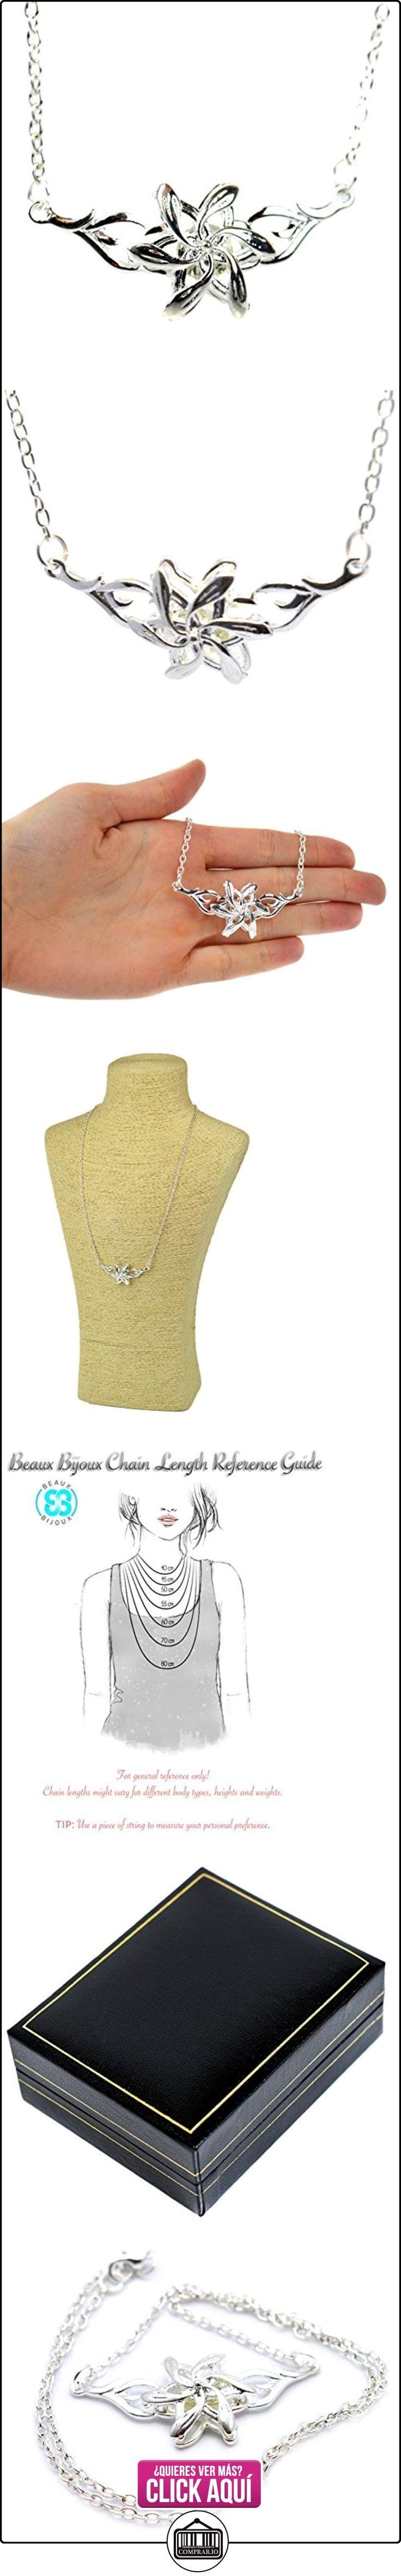 best ideas about galadriel lotr hobbit middle elfos reina galadriel flor de plata collar con colgante de el sentildeor de los anillos el